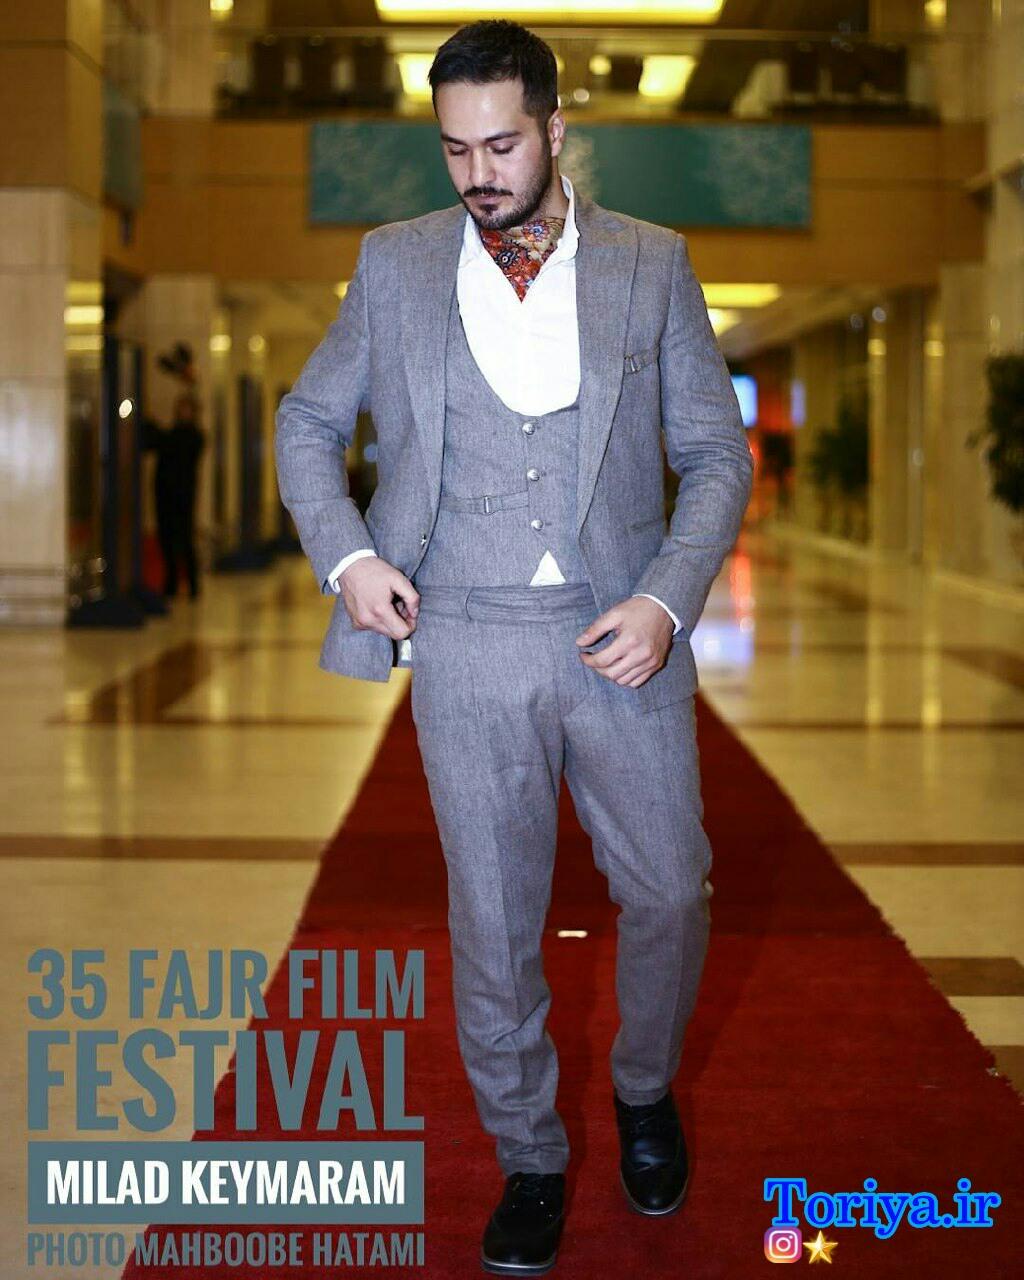 عکسهای میلاد کی مرام در افتتاحیه جشنواره فیلم فجر 35